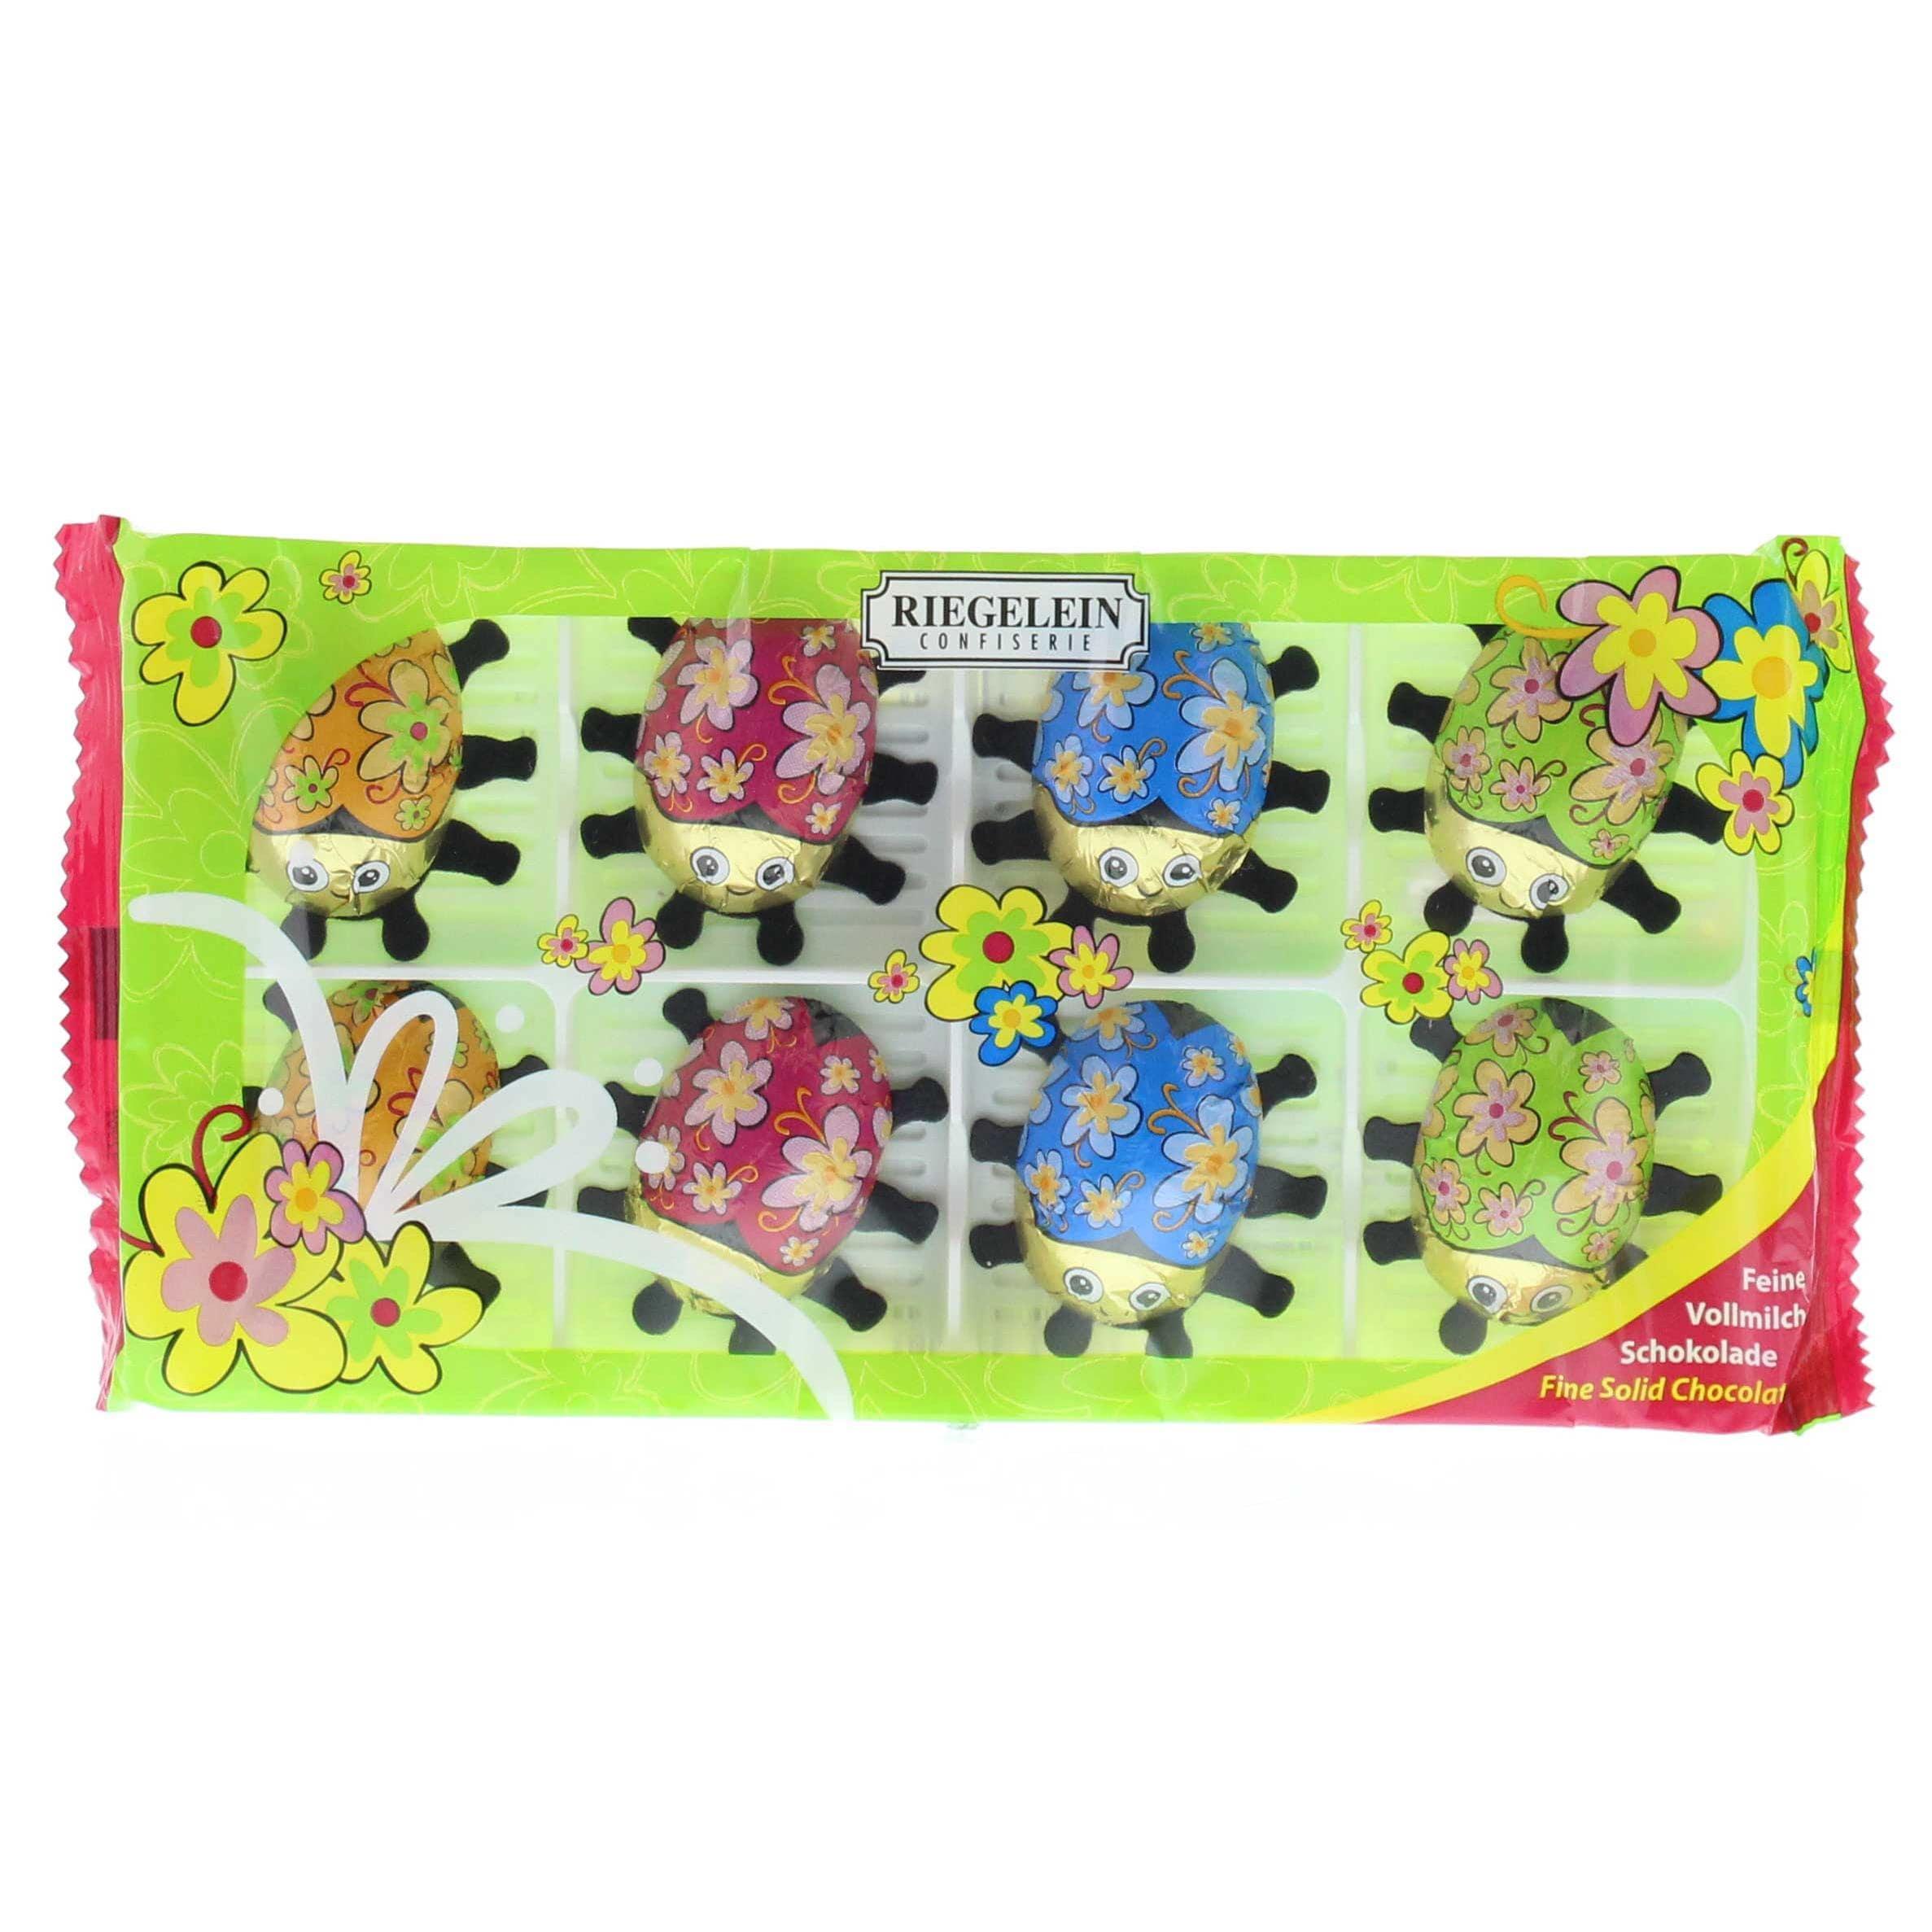 Riegelein Frühlings-Käfer Vollmilchschokolade 100g, 8 Stück